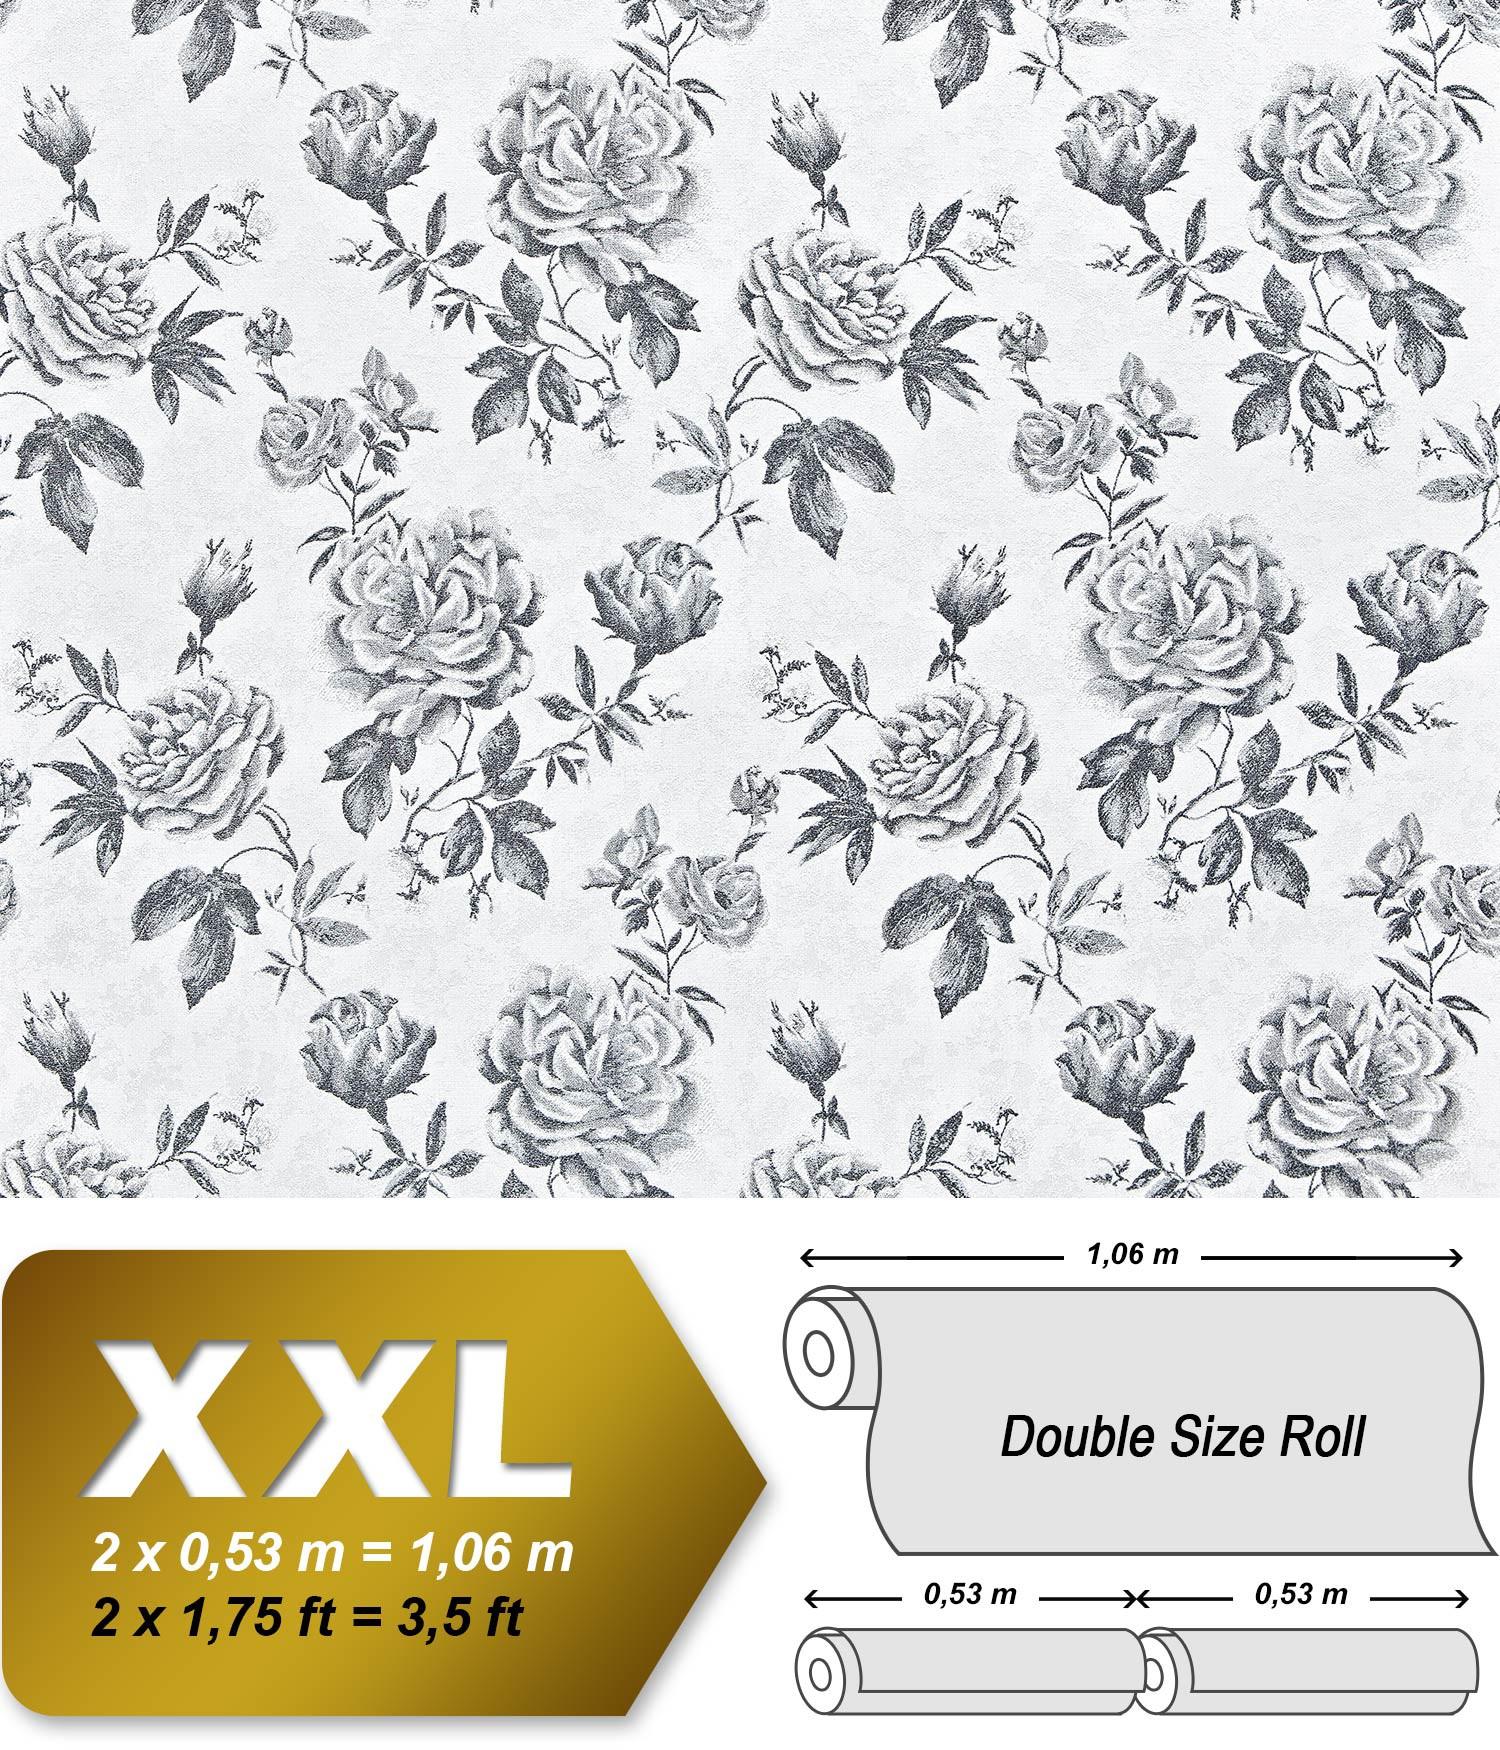 Papier peint fleurs xxl intiss edem 687 96 motif floral roses et feuilles noir blanc gris 10 65 m2 - Papier peint gris et blanc ...